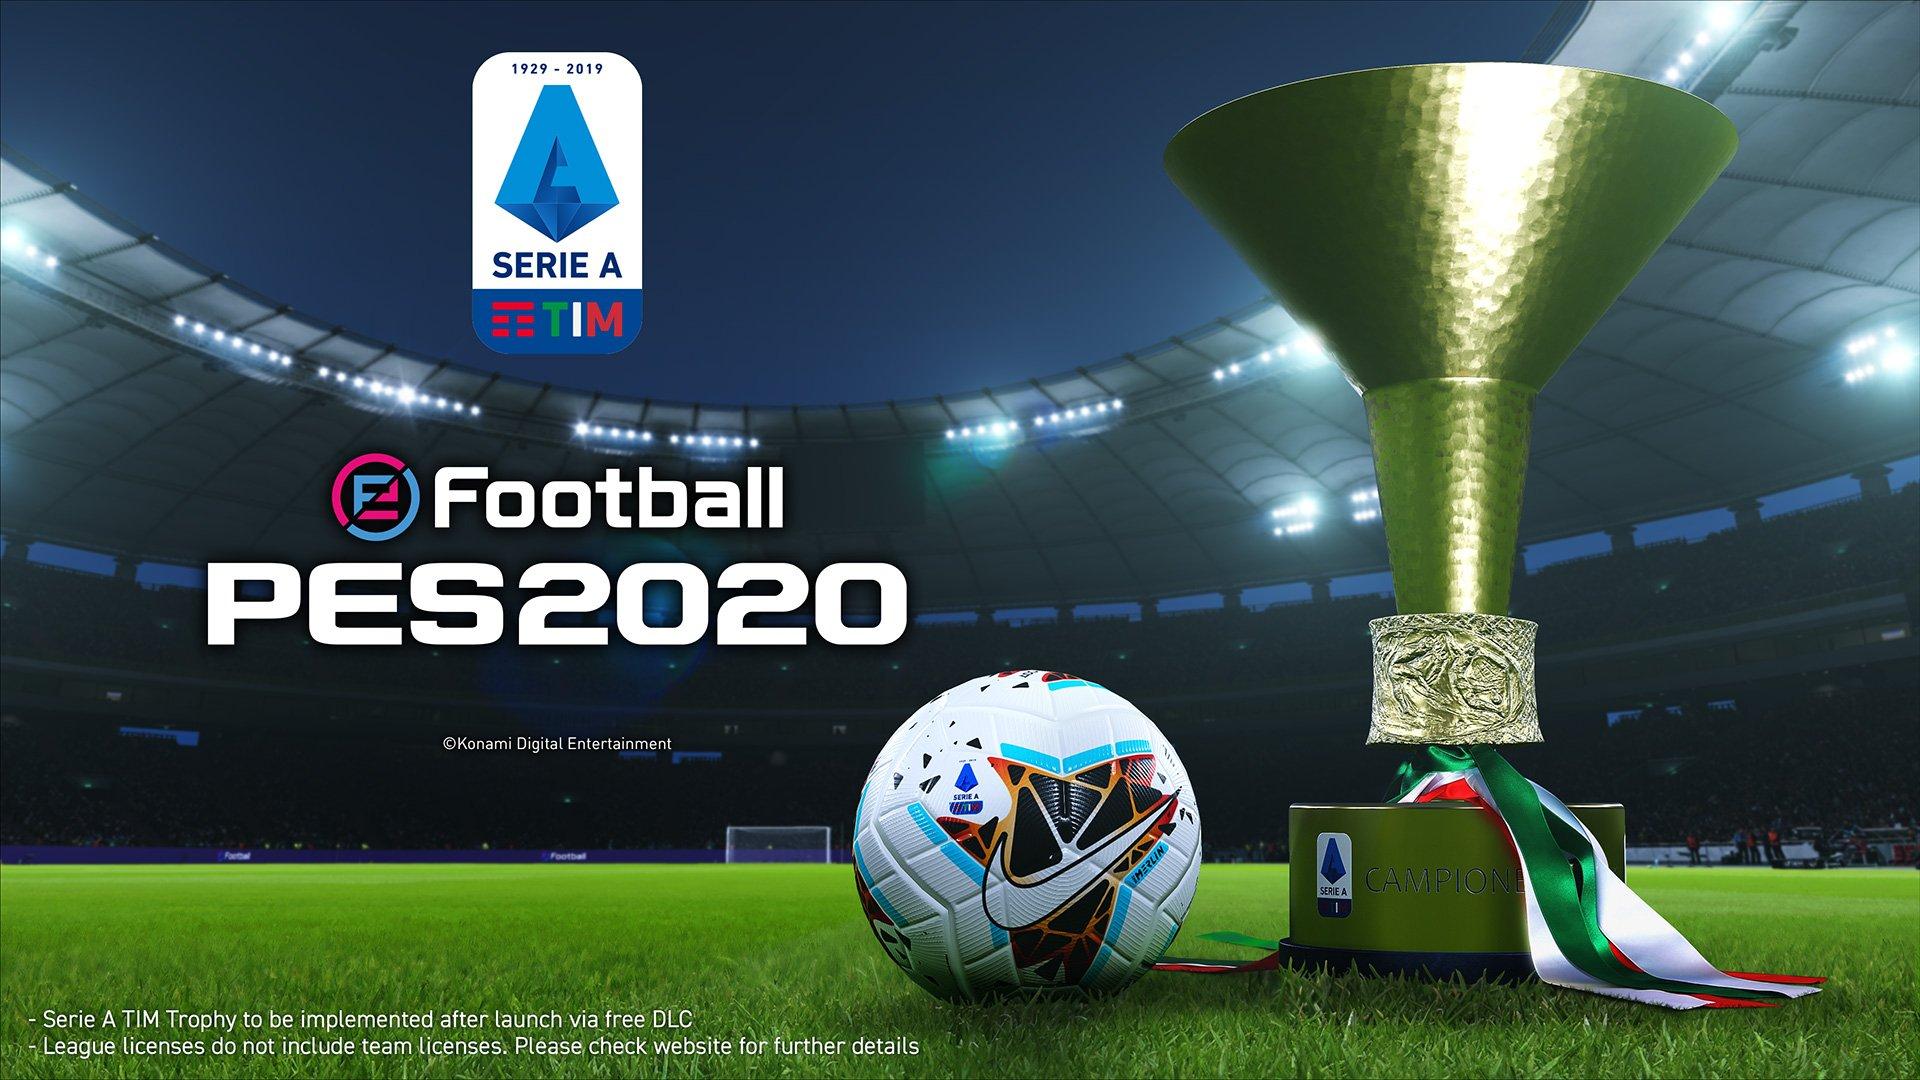 PES confirma licencia completa de la Serie A